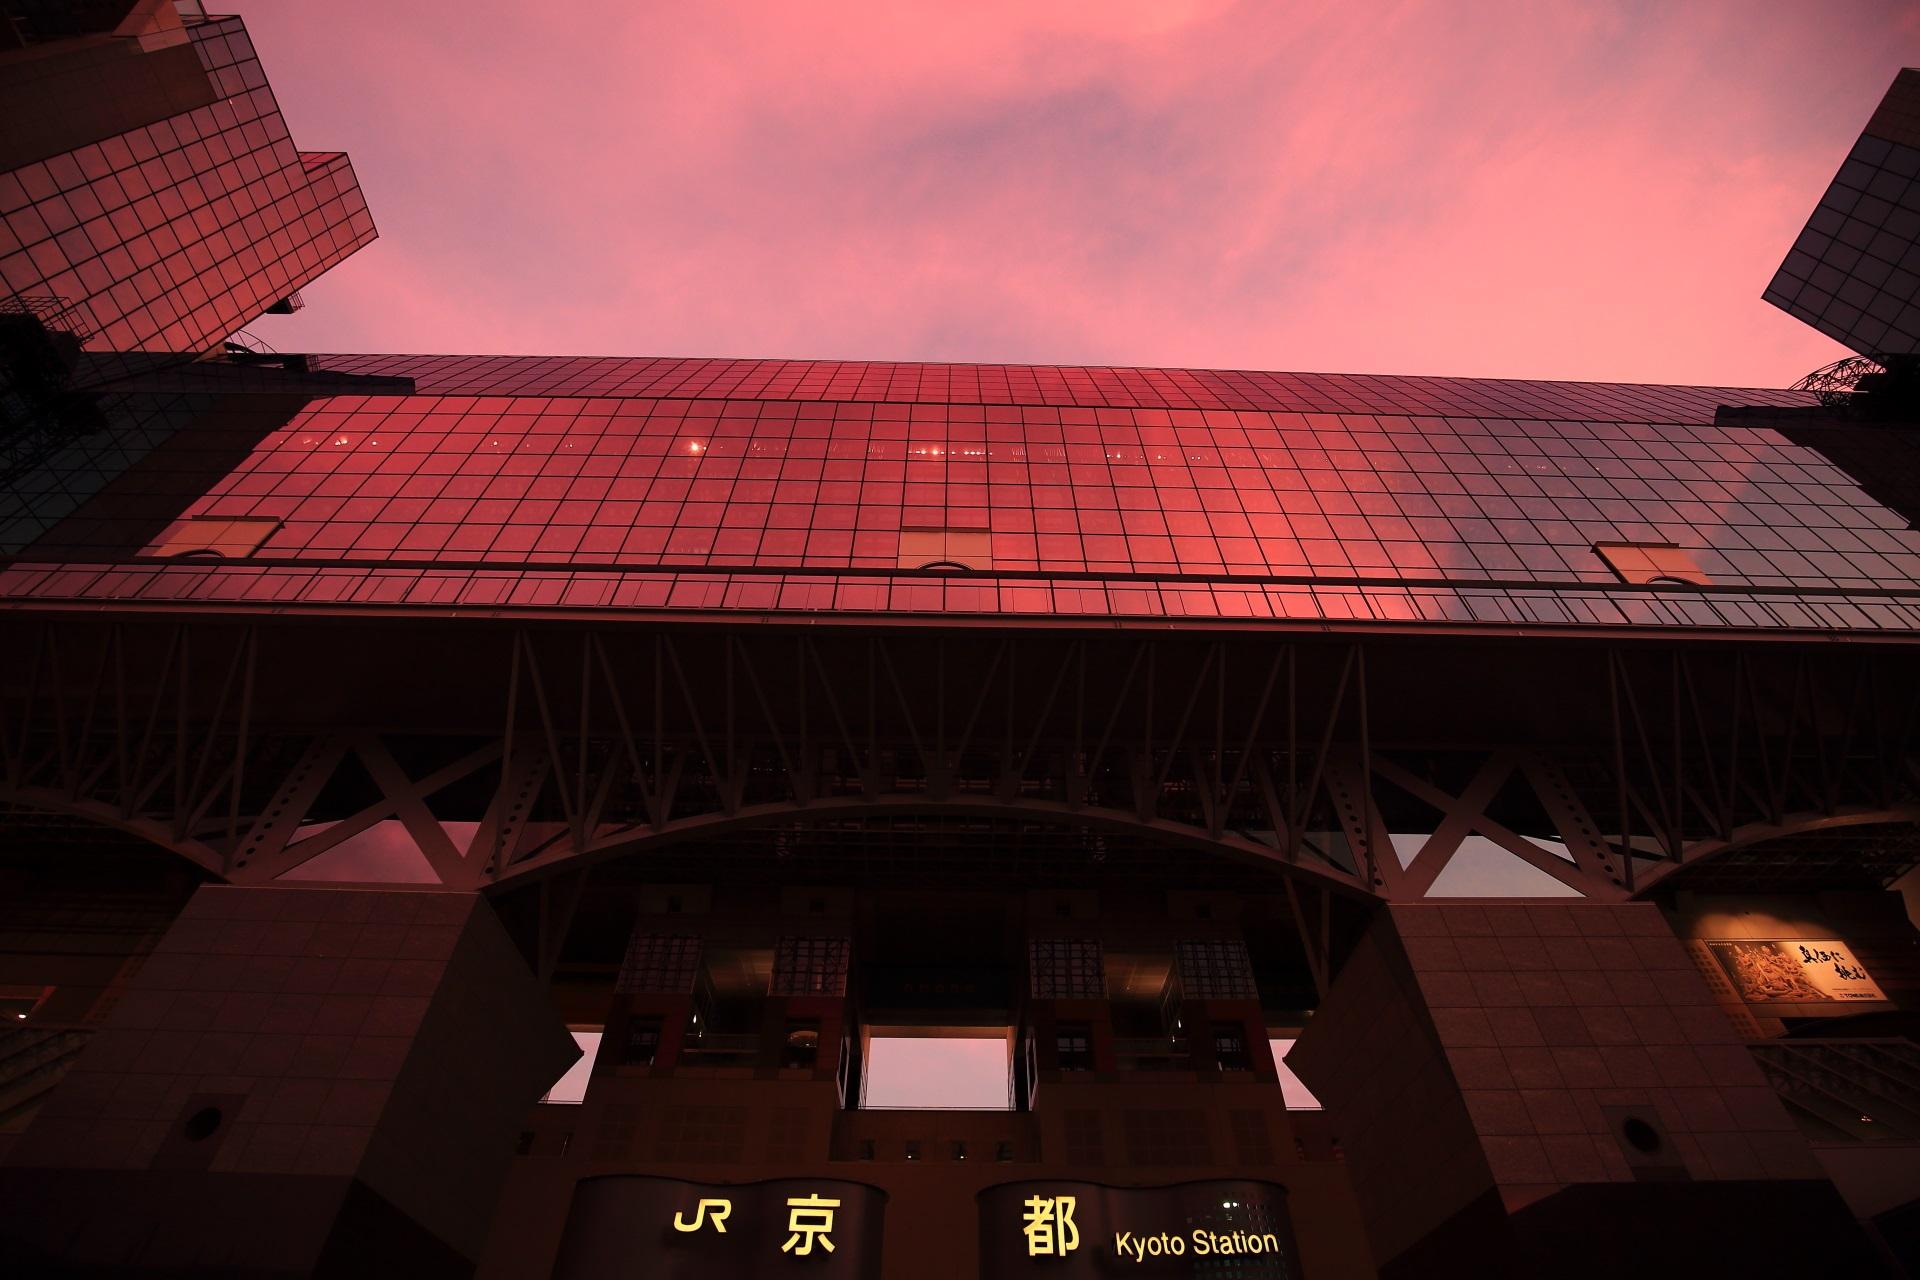 夕焼け 京都駅ビル 高画質 写真